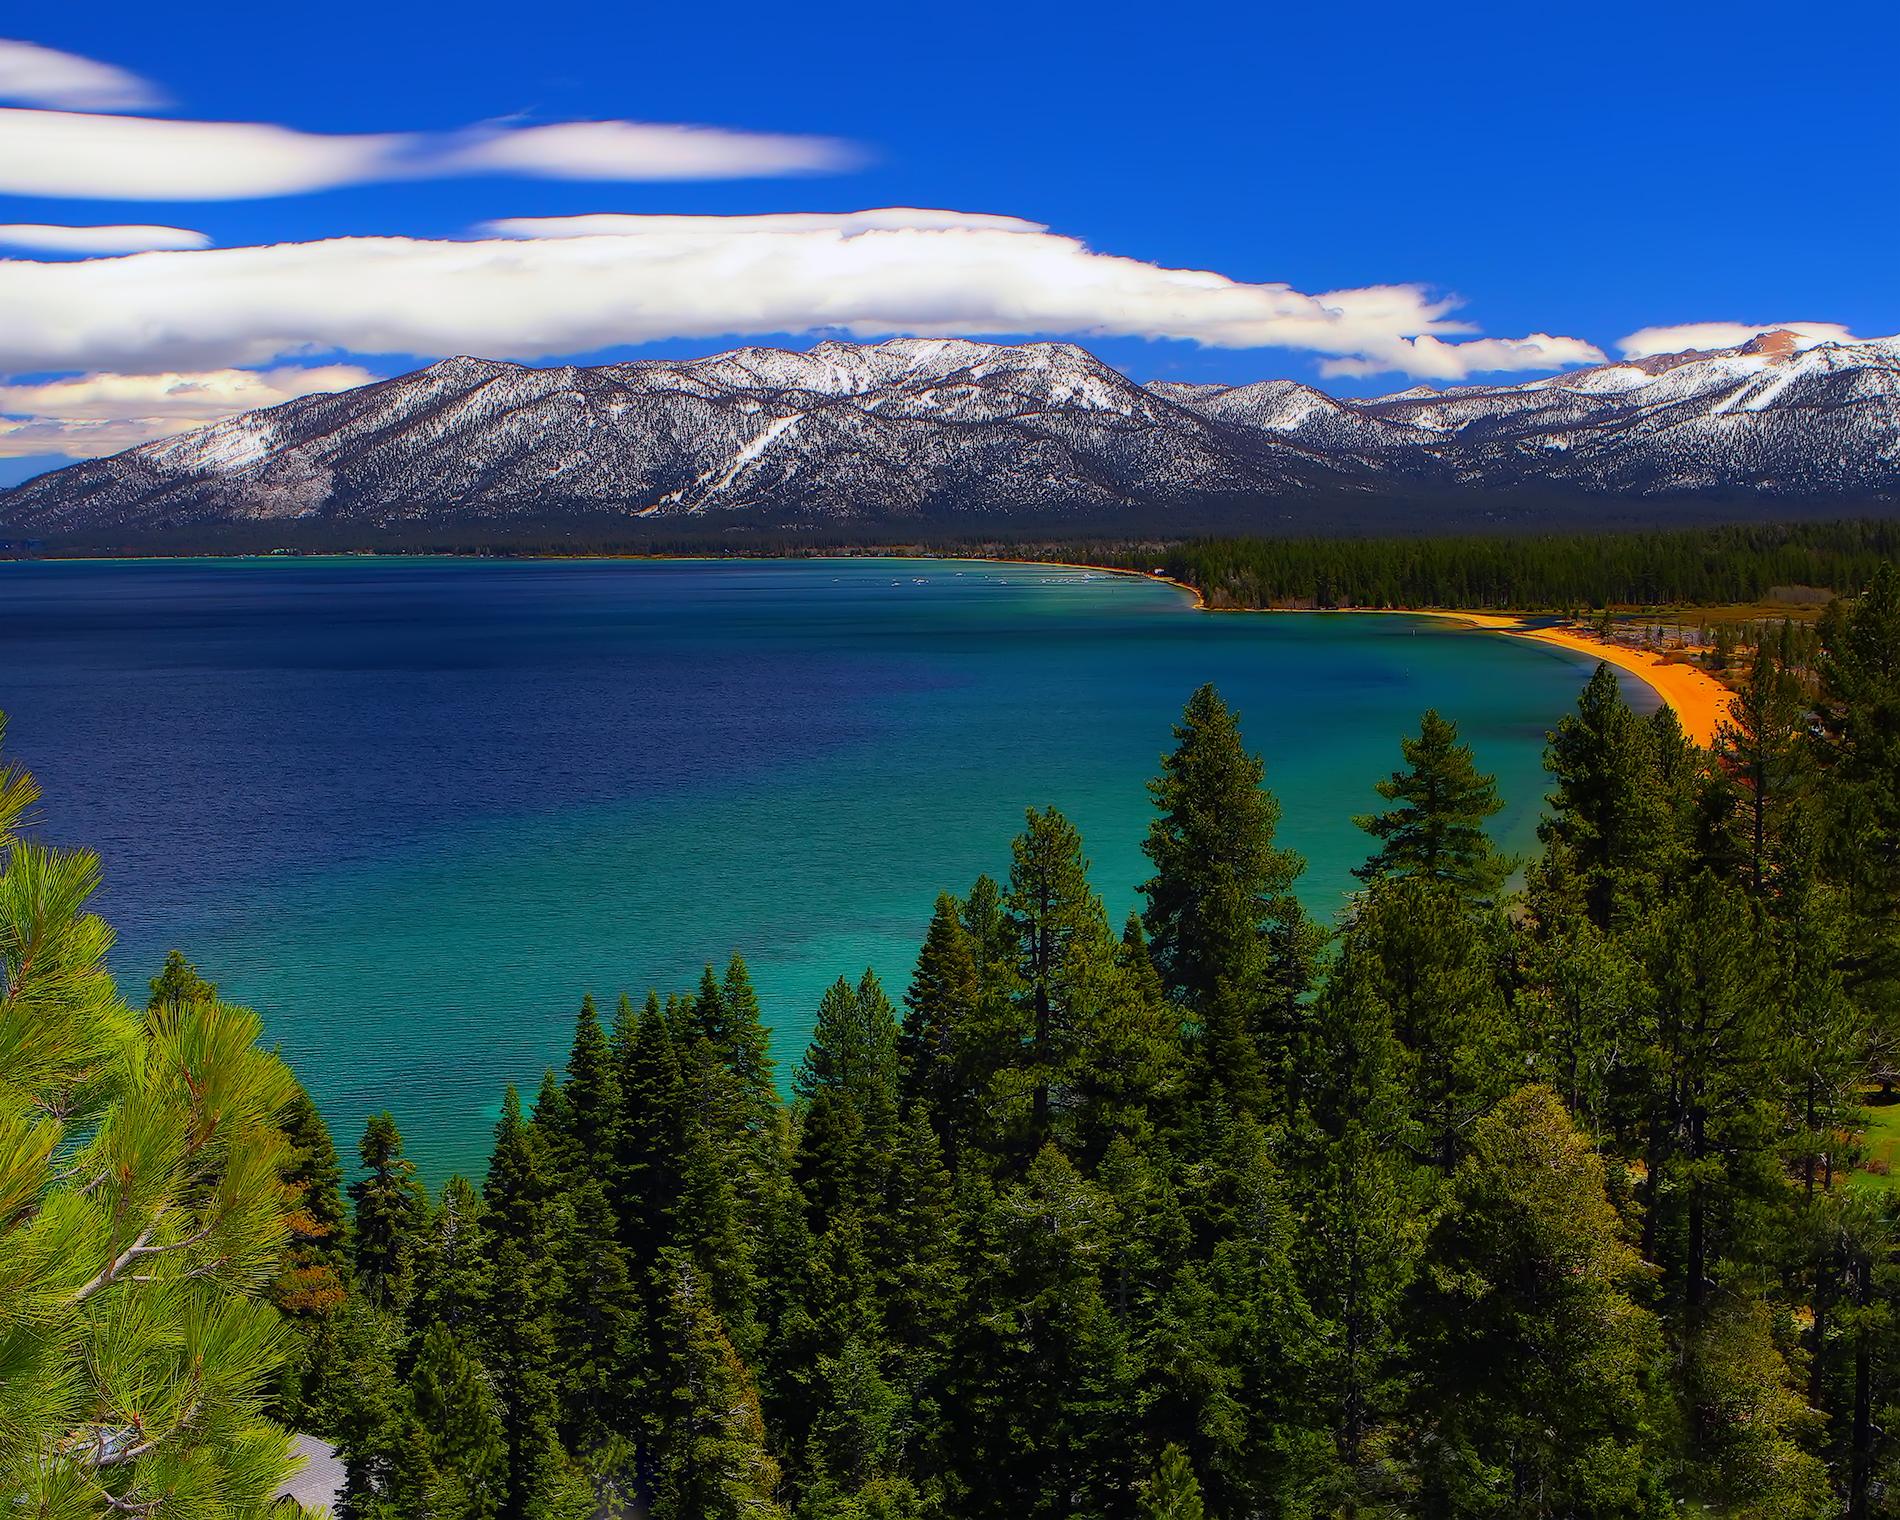 HBREA 2021 Gala Auction item - Lake Tahoe